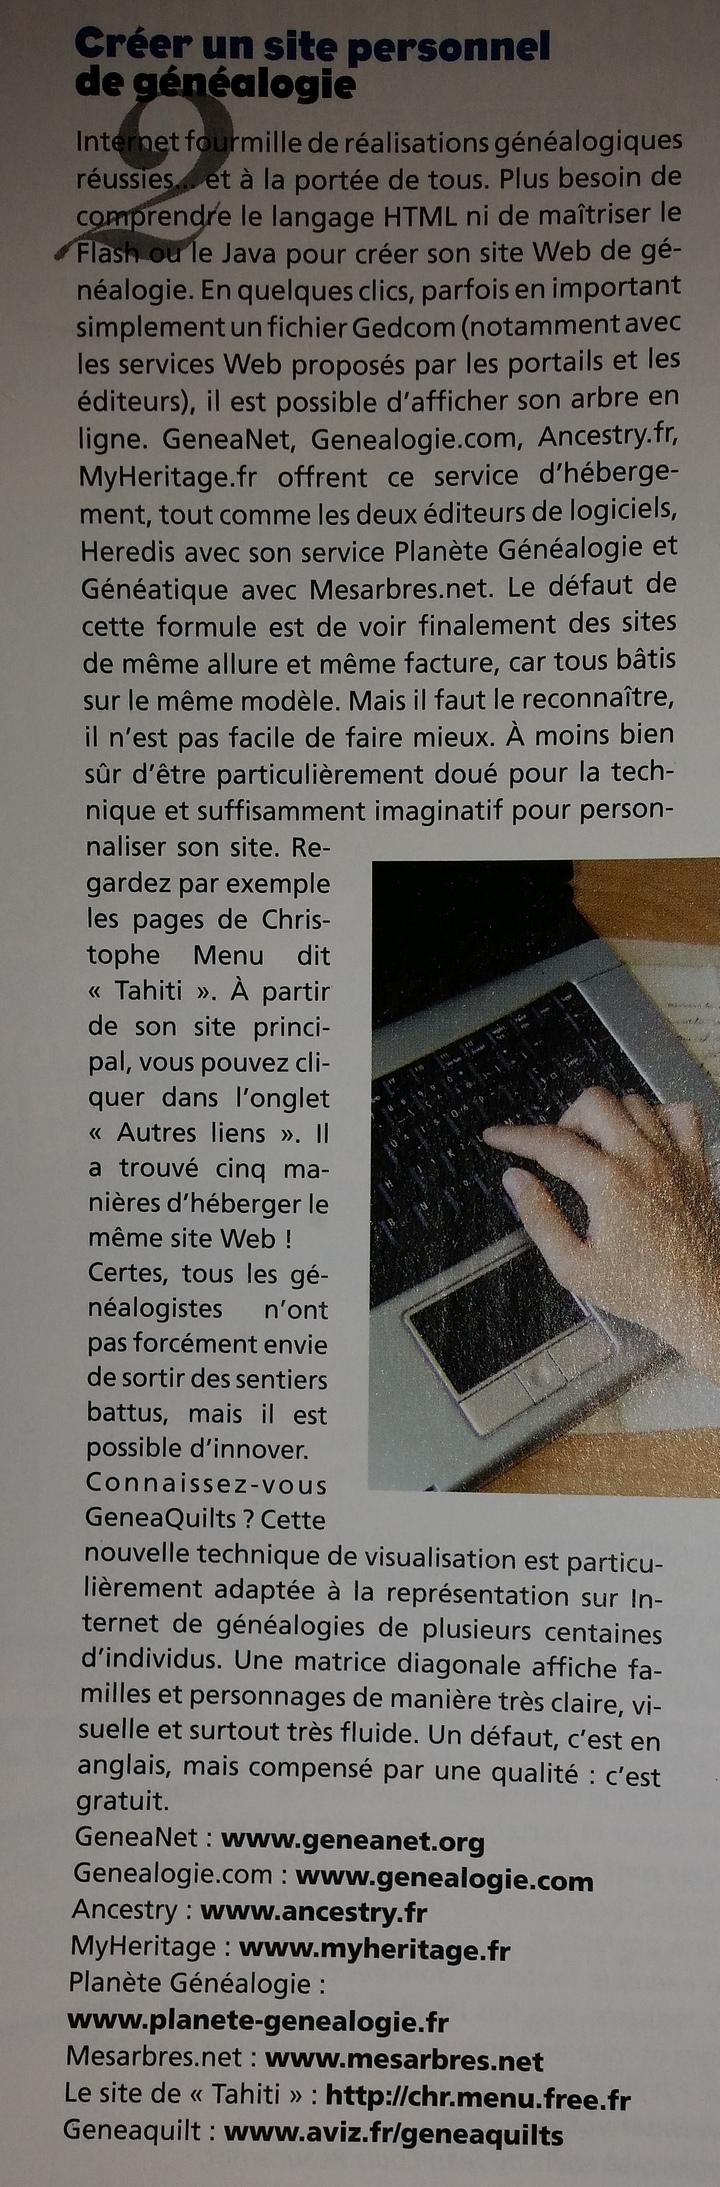 La Revue Française de Généalogie n°192 de Février et Mars 2011